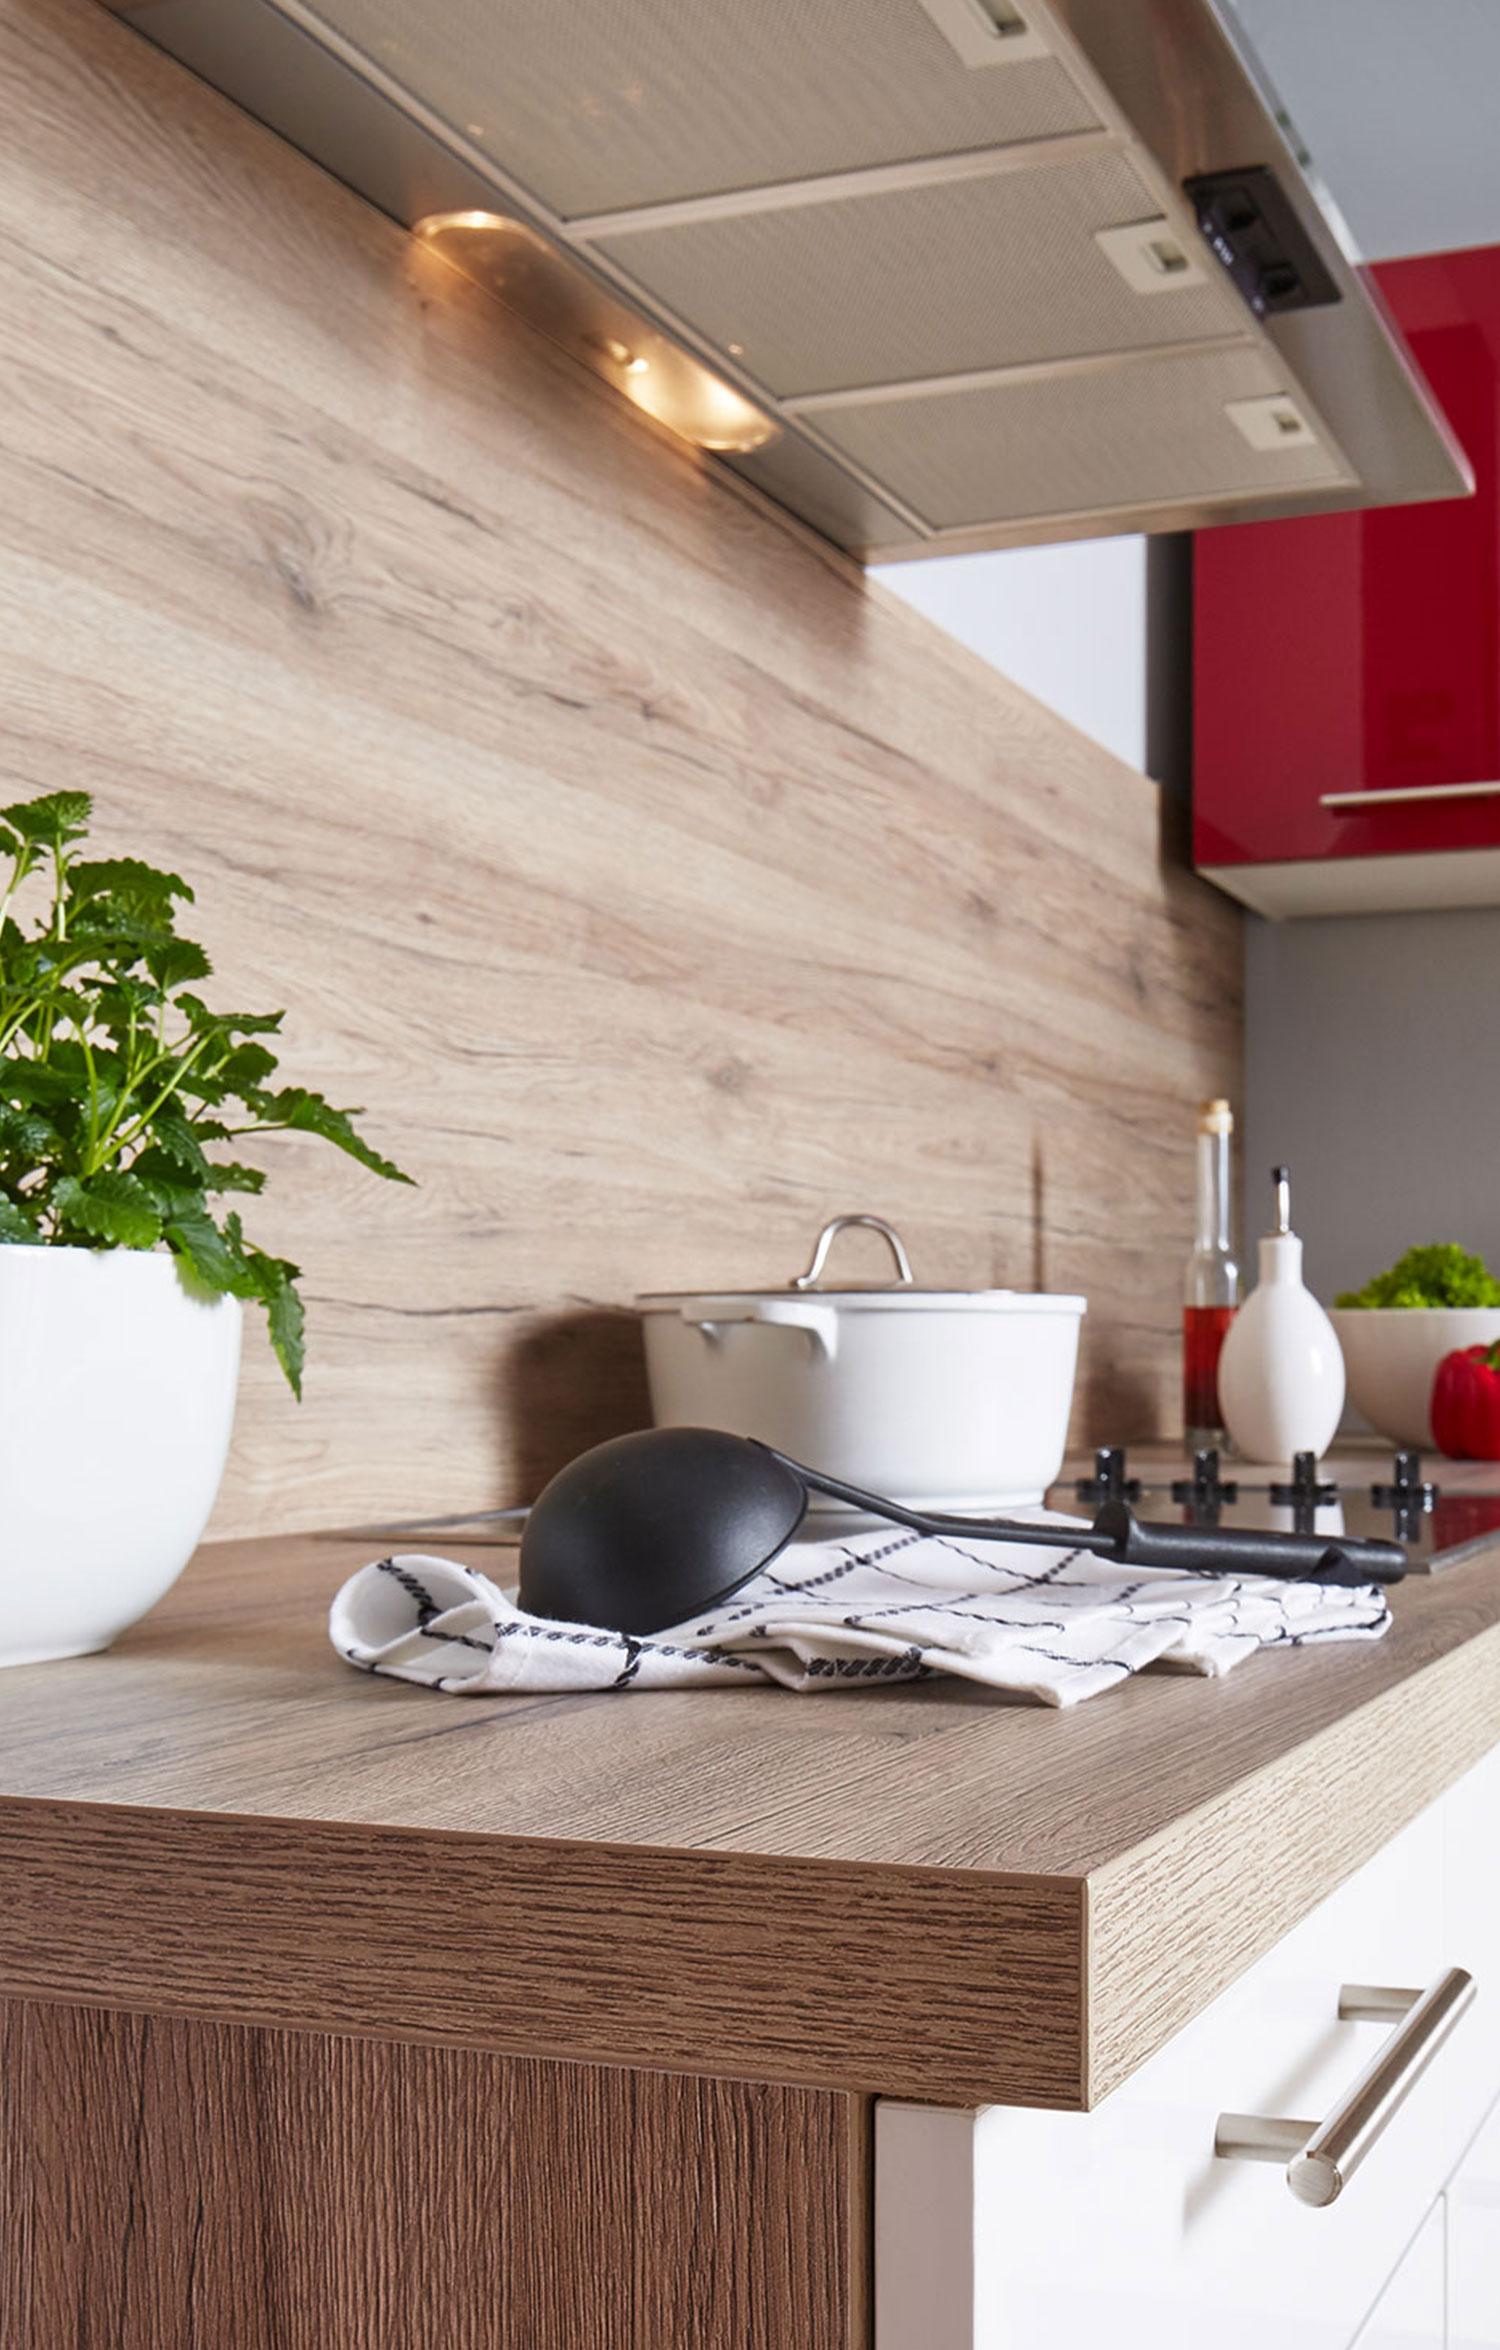 Wunderbar Beste Küche Renovierung Tipps Zeitgenössisch - Ideen Für ...